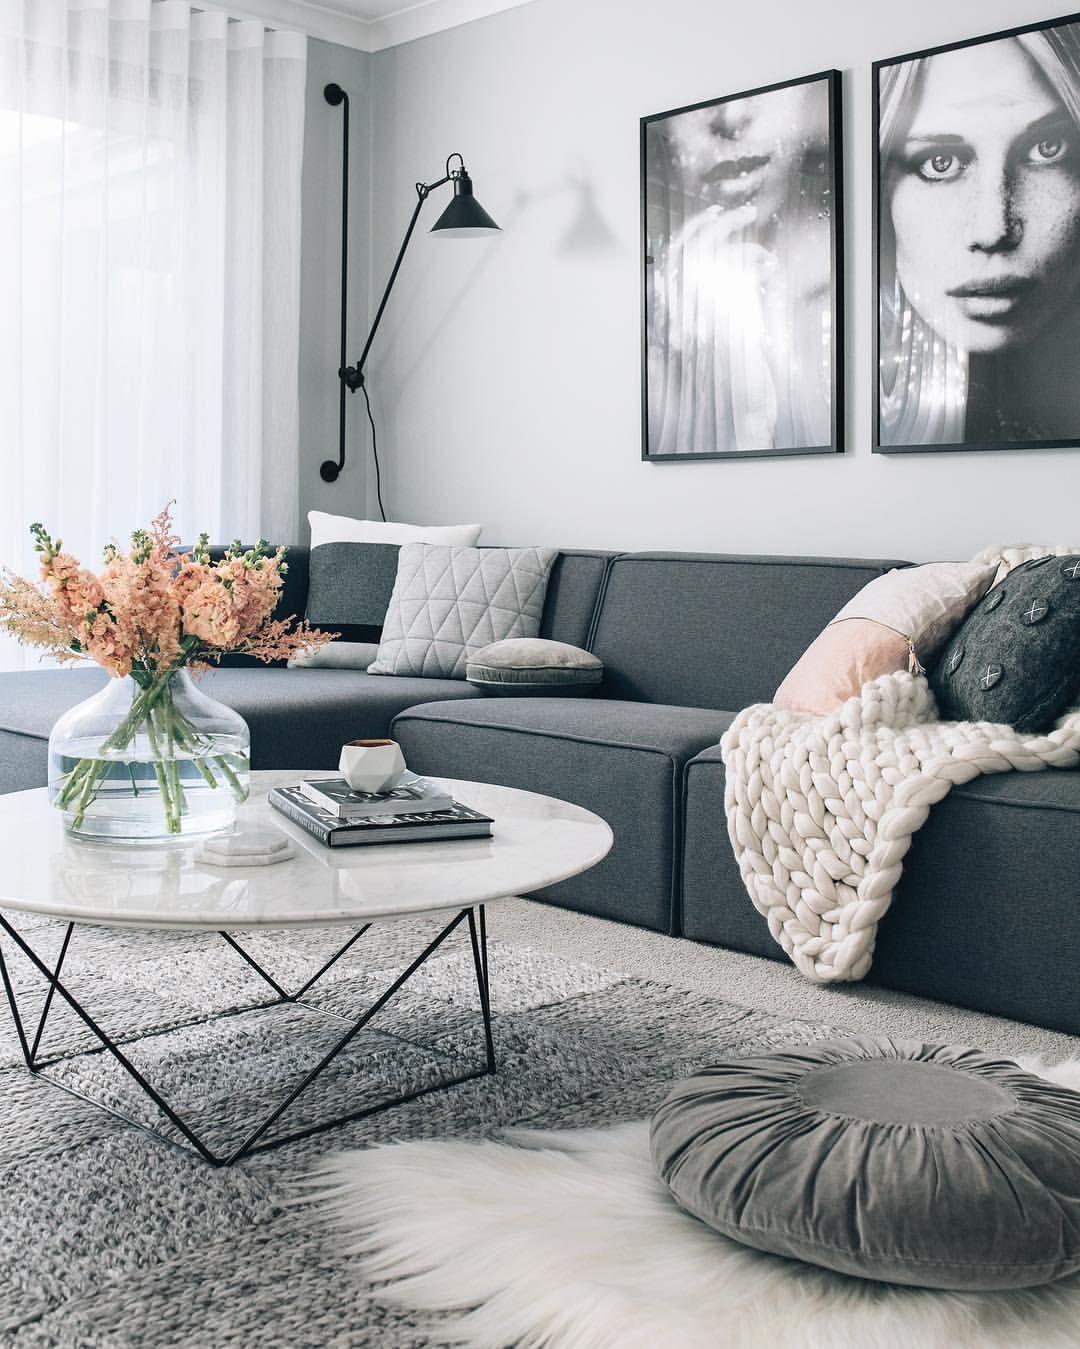 Moderne Wohnzimmer, Wohnzimmer Ideen, Wohnung Einrichten, Einrichten Und  Wohnen, Wohnungseinrichtung Ideen, Graues Sofa, Umzug, Neue Häuser,  Raumgestaltung